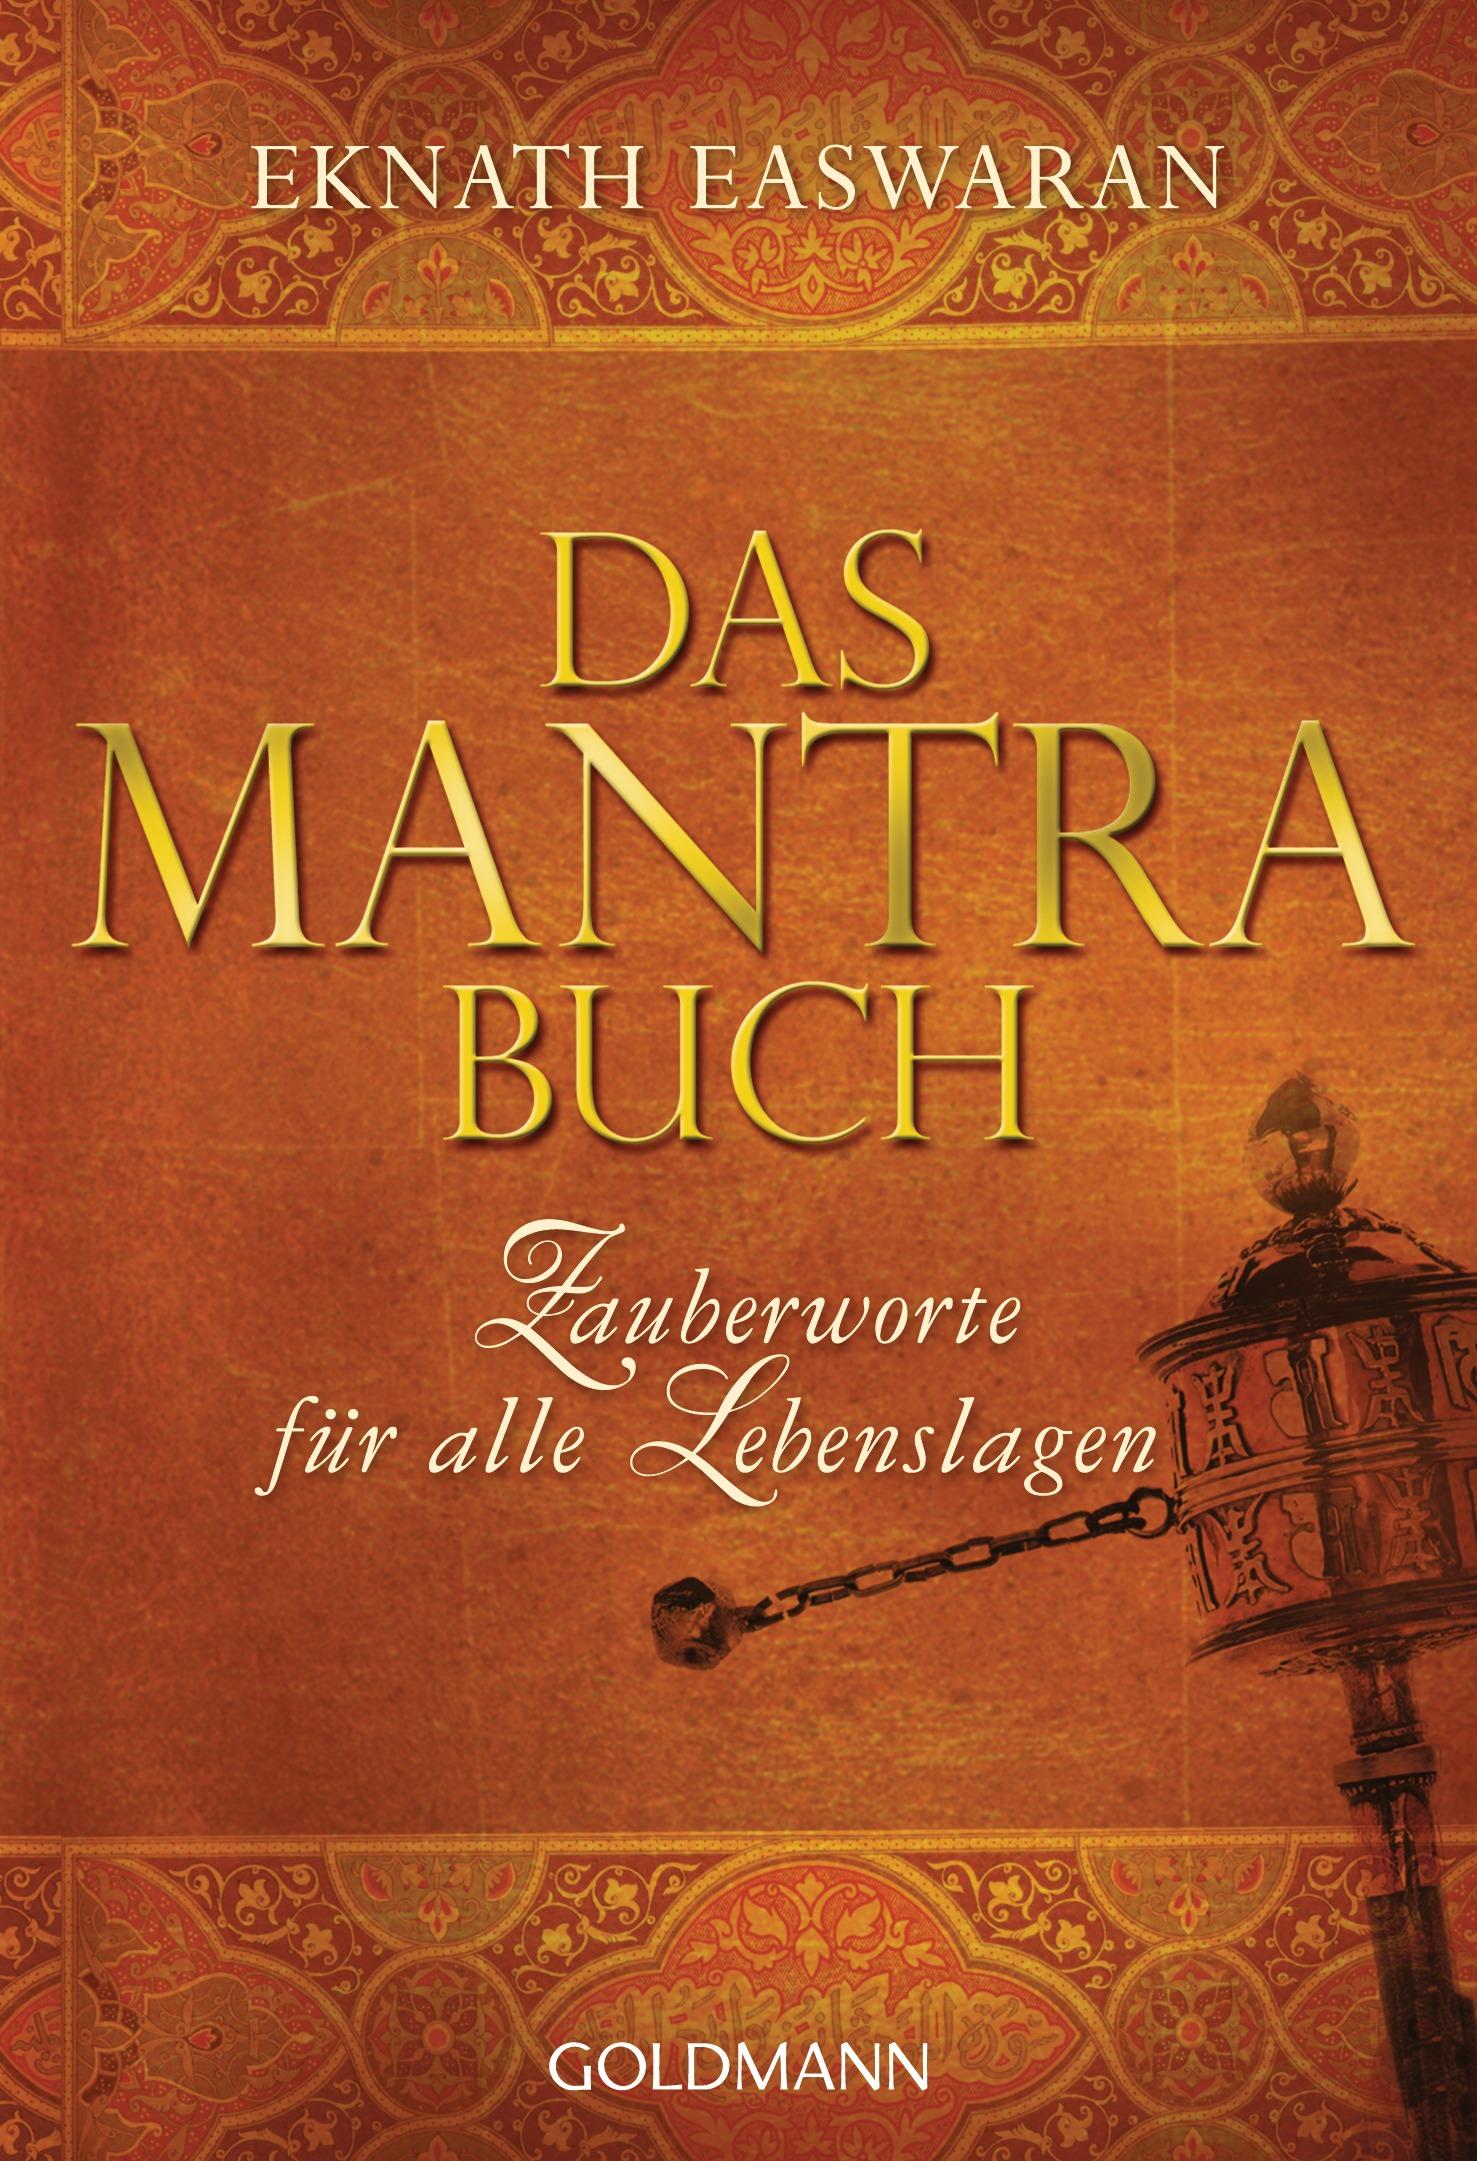 Das Mantra-Buch: Zauberworte für alle Lebenslagen - Eknath Easwaran